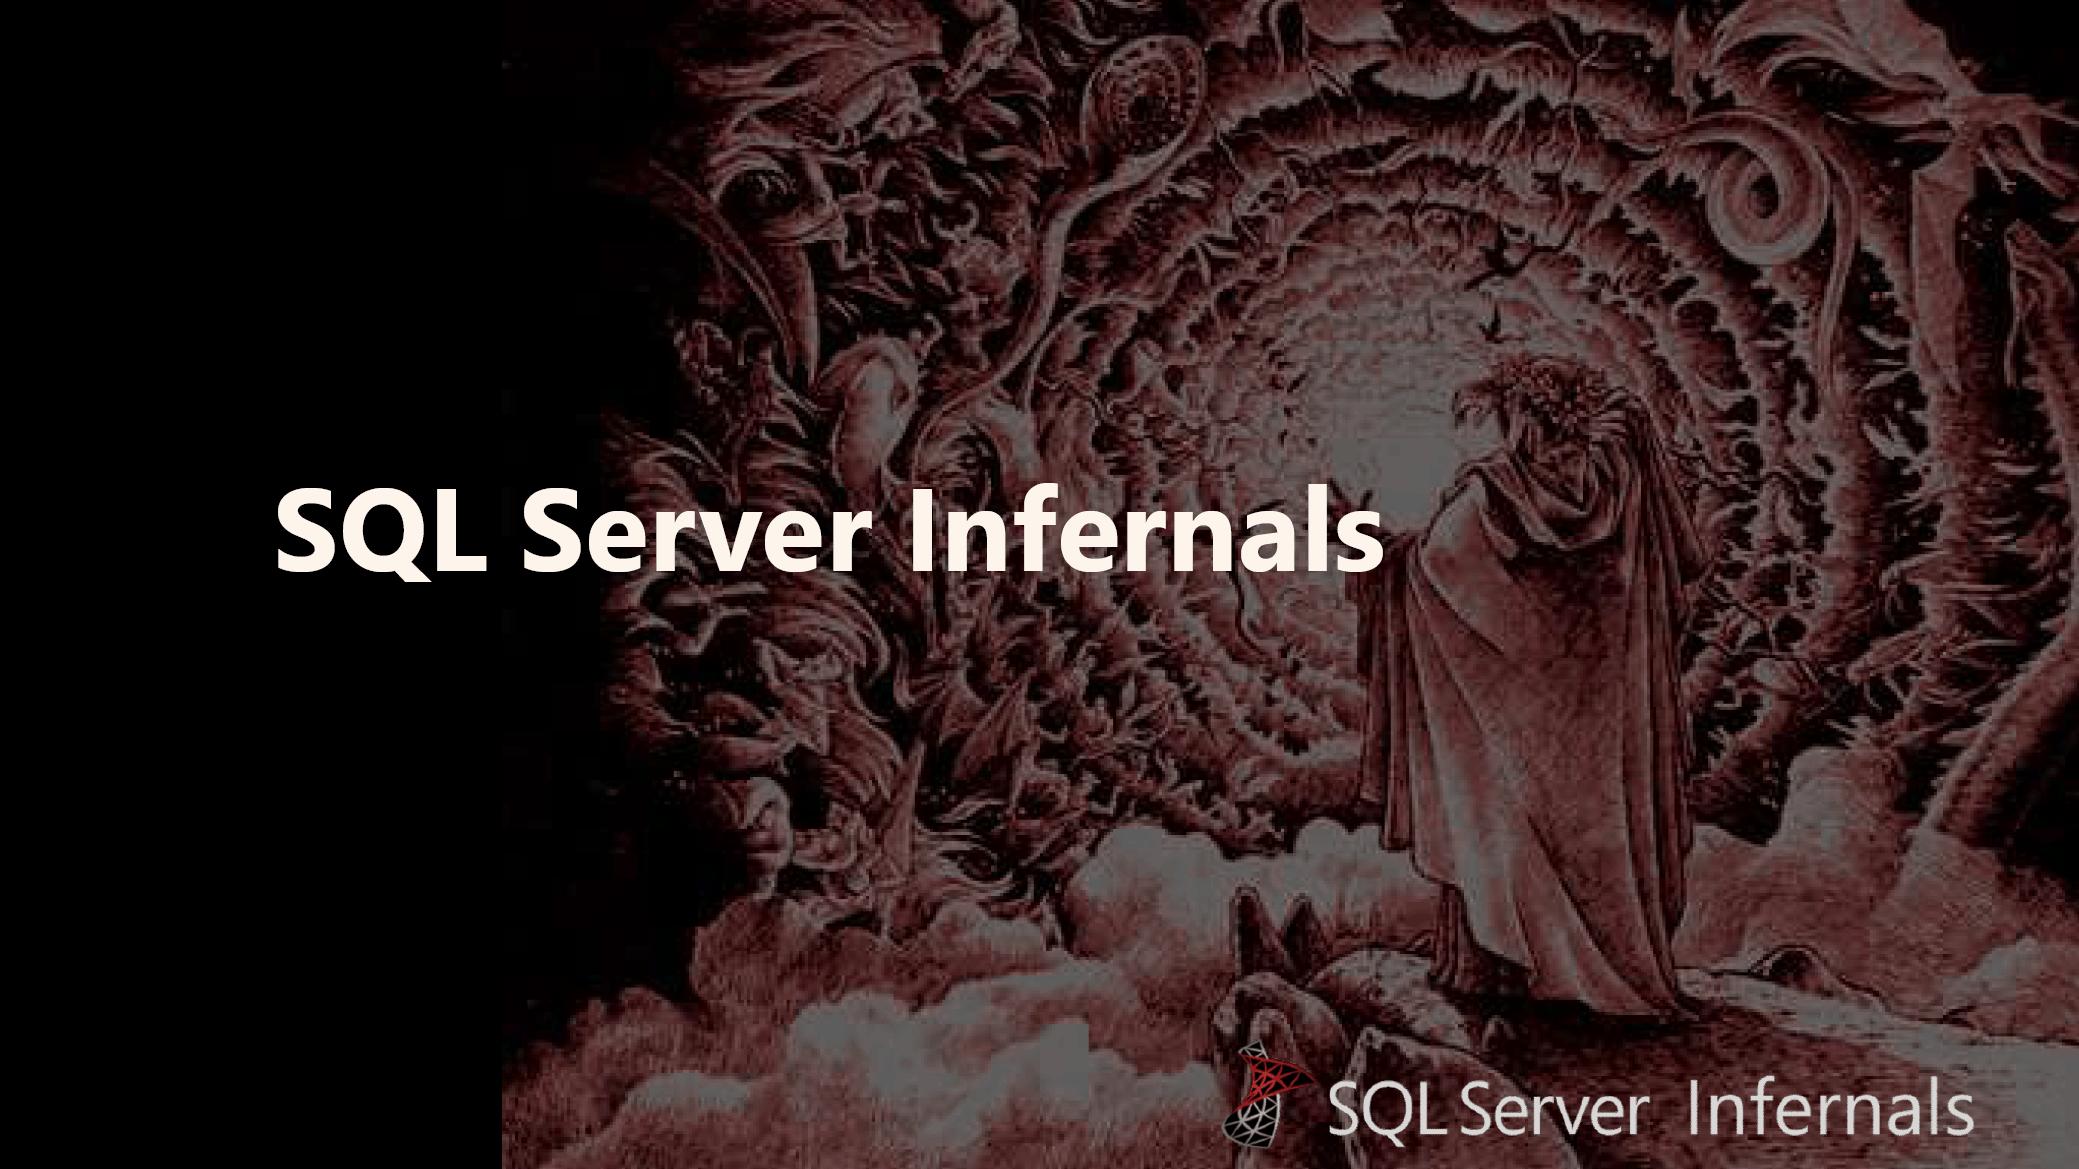 SQL Server Infernals – A Beginner's Guide to SQL Server Worst Practices